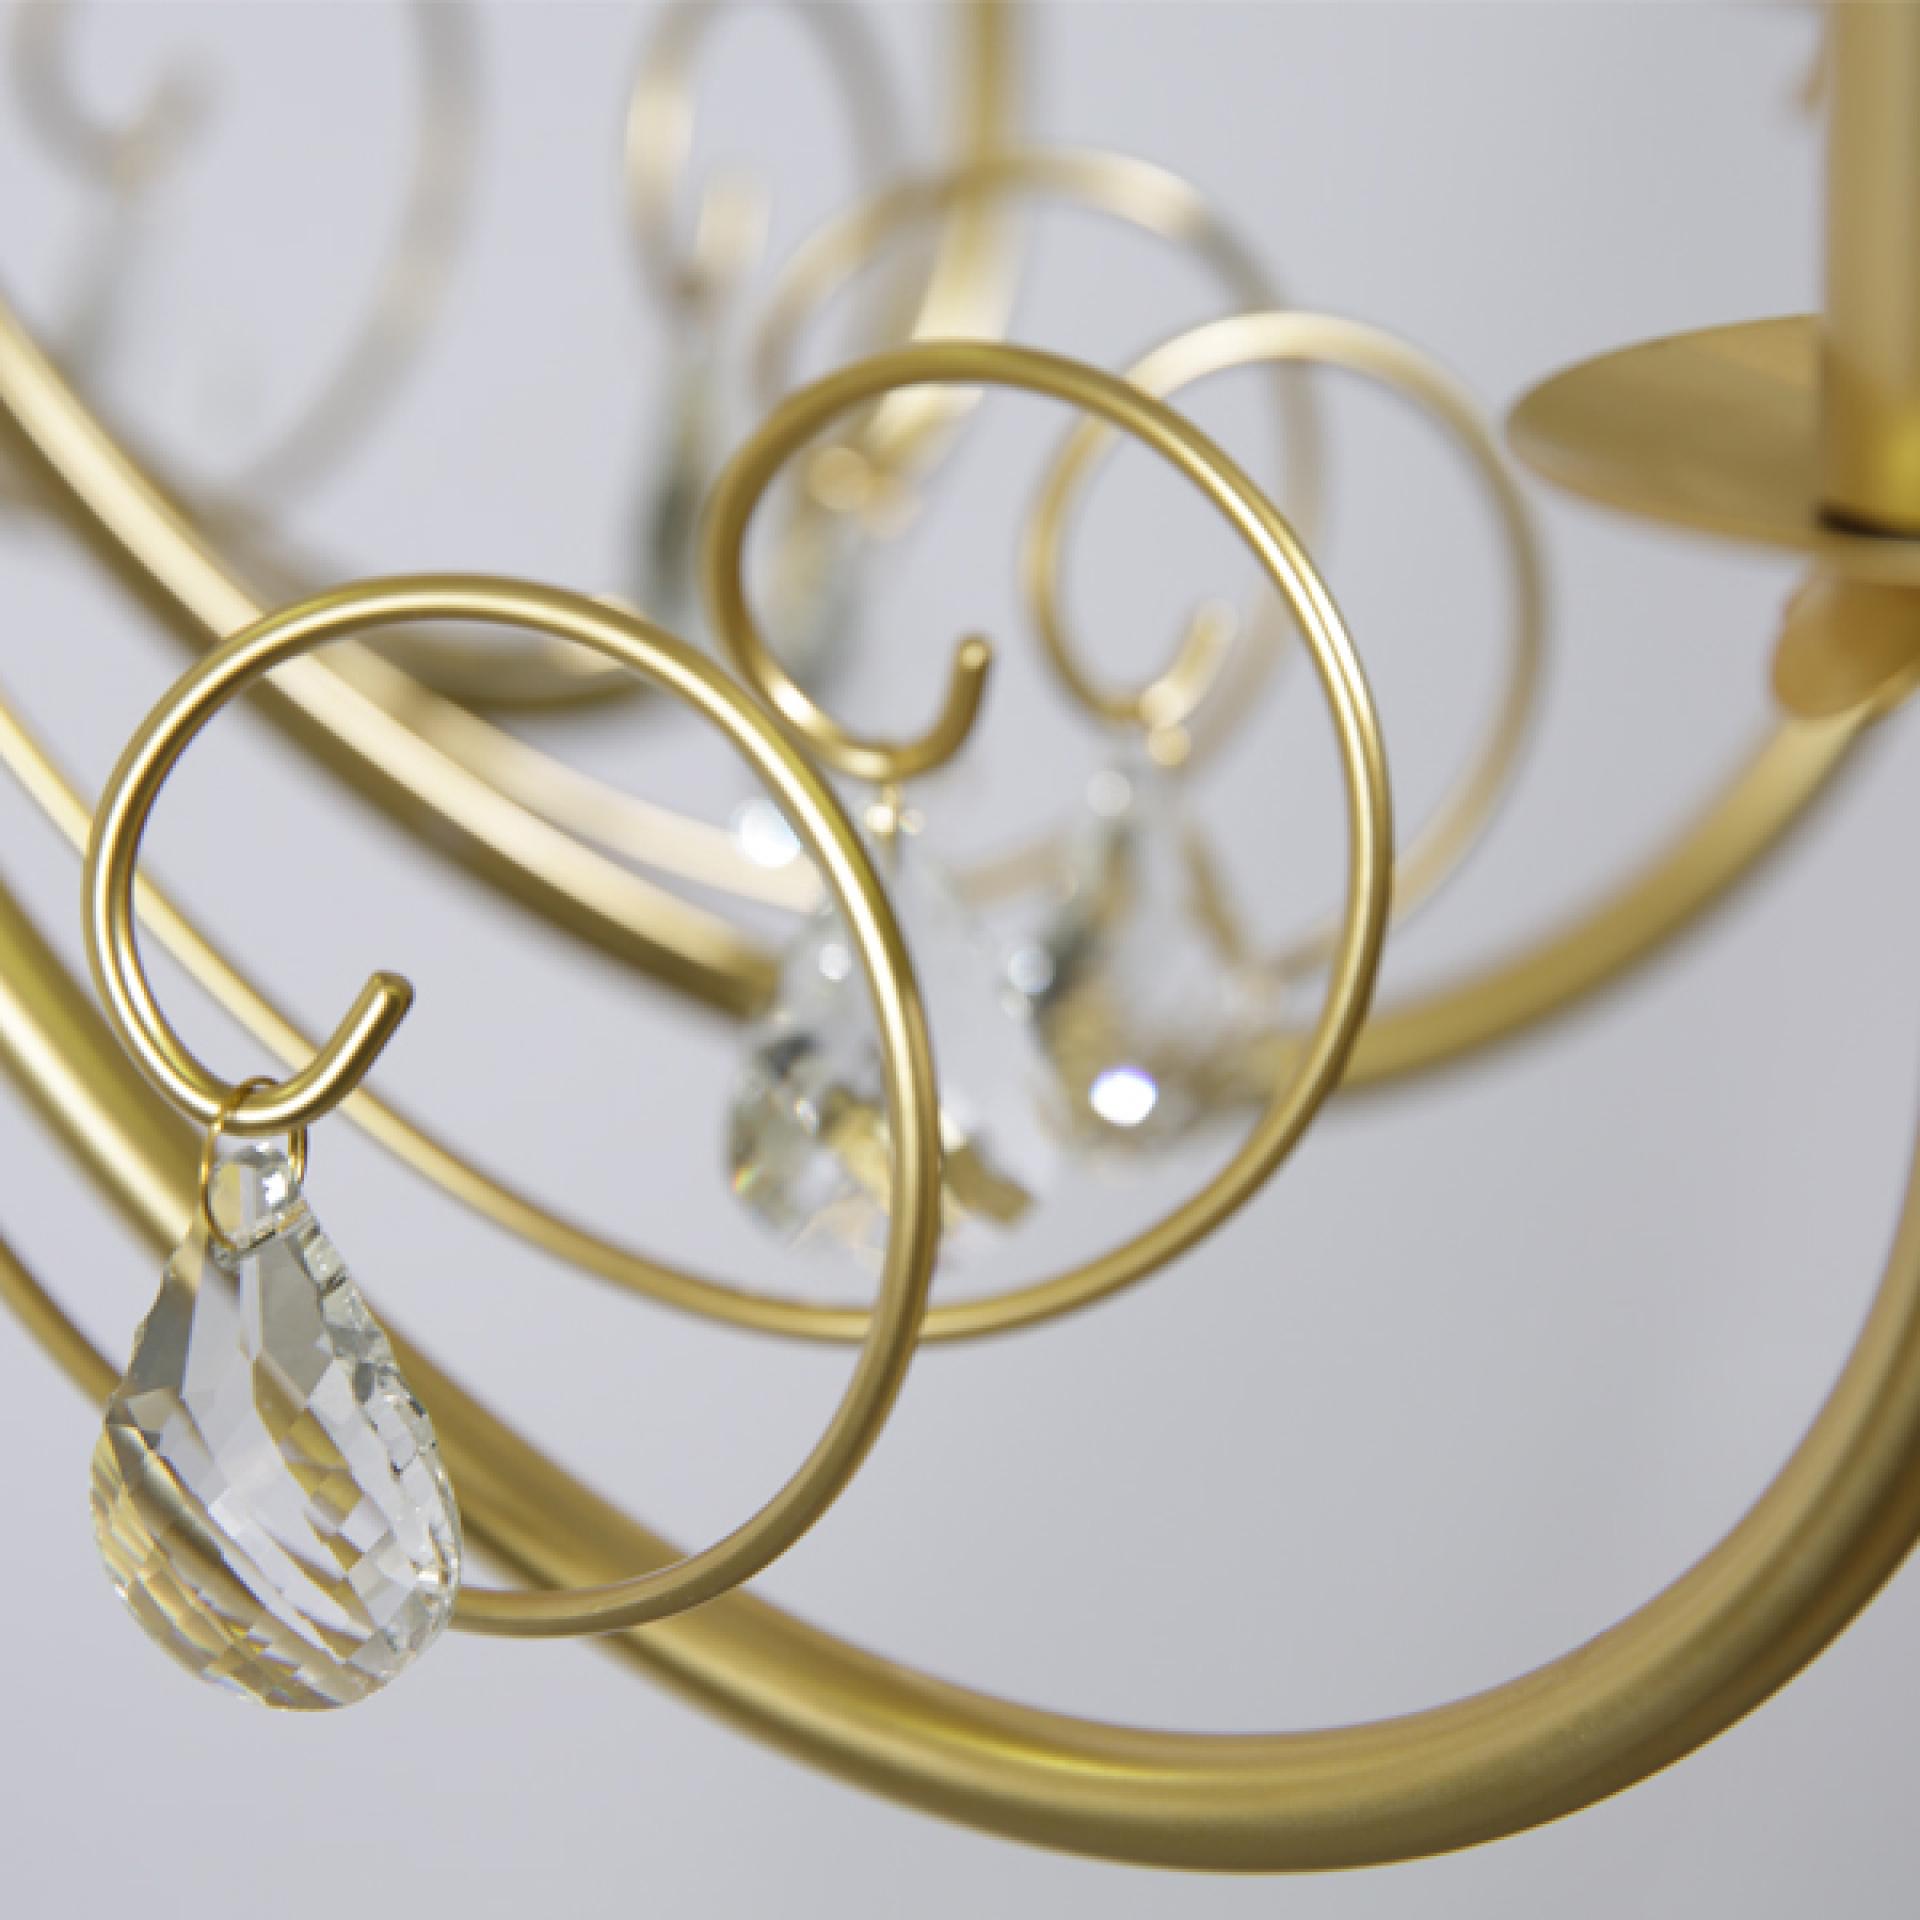 Люстра подвесная Modesto 5х40W E14 золото Lightstar 781052, купить в СПб, Москве, с доставкой, Санкт-Петербург, интернет-магазин люстр и светильников Starlight, фото в жизни